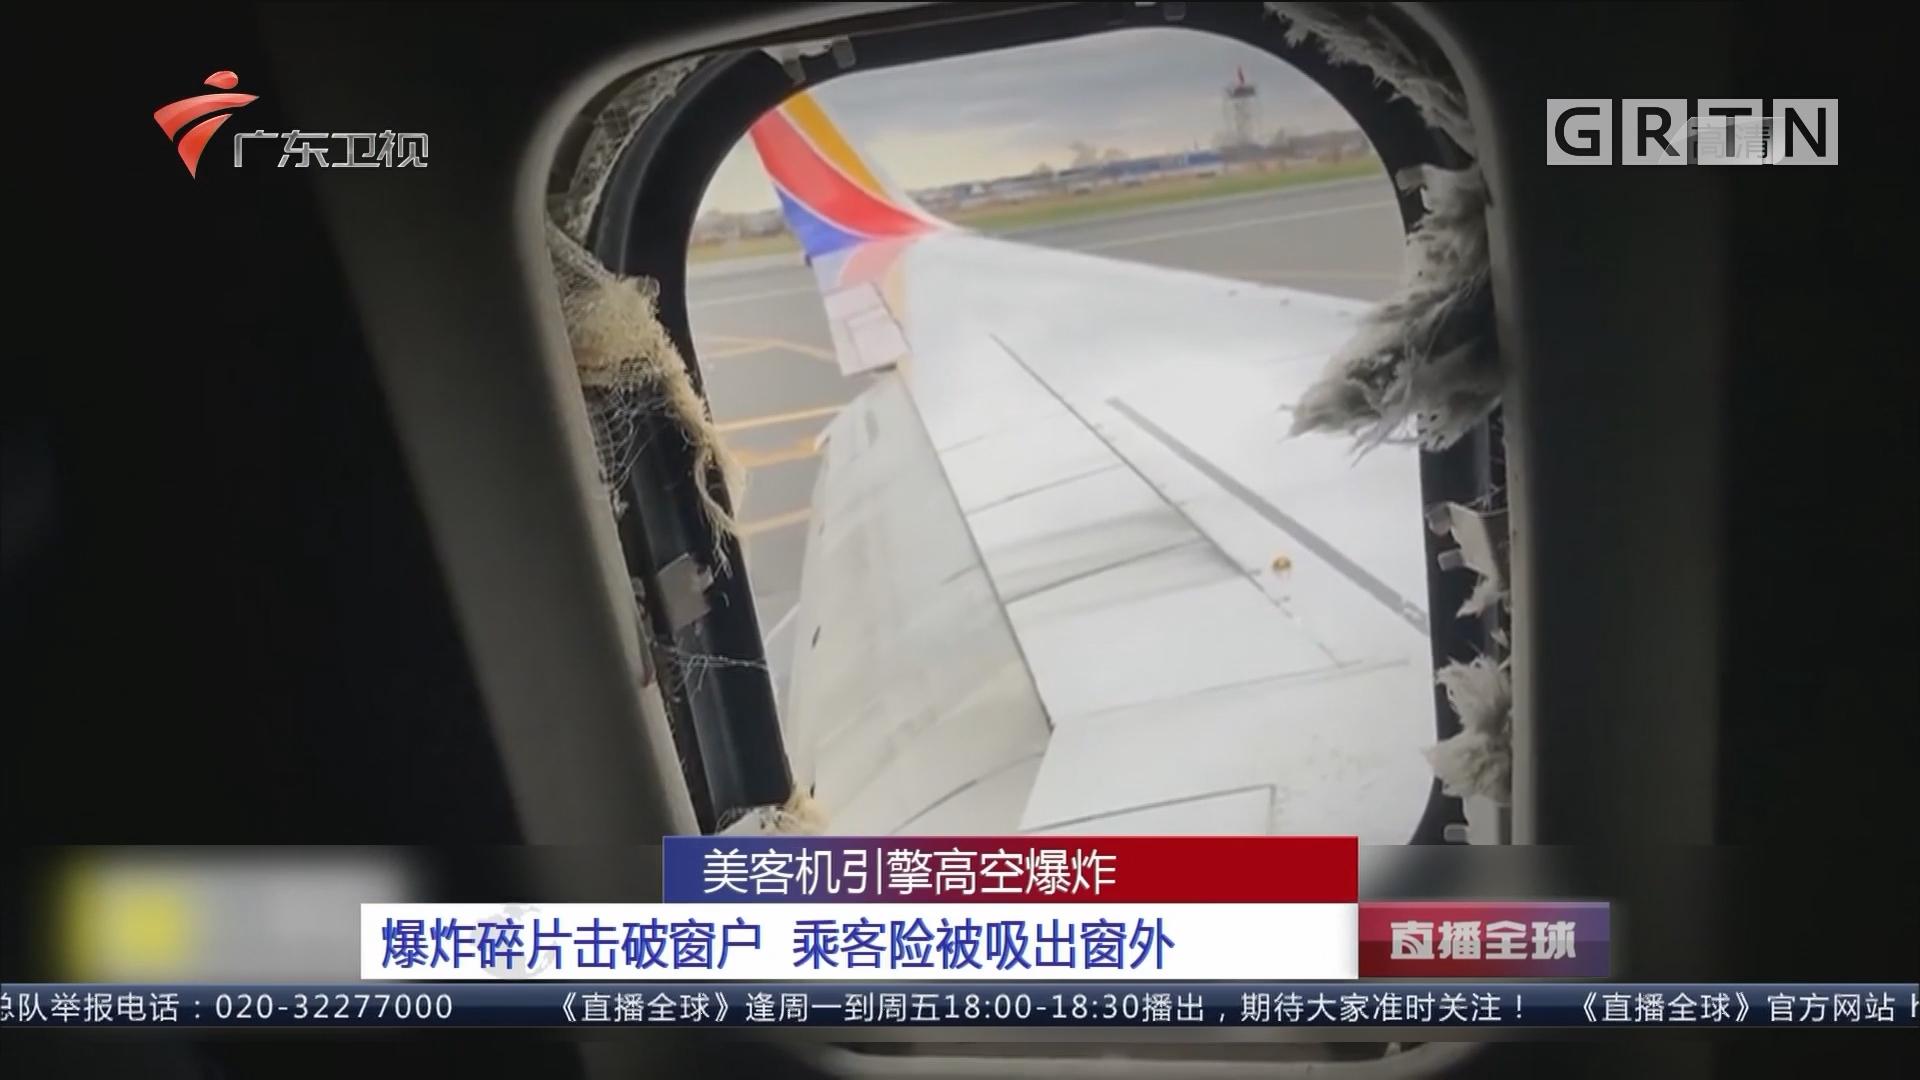 美客机引擎高空爆炸 爆炸碎片击破窗户 乘客险被吸出窗外